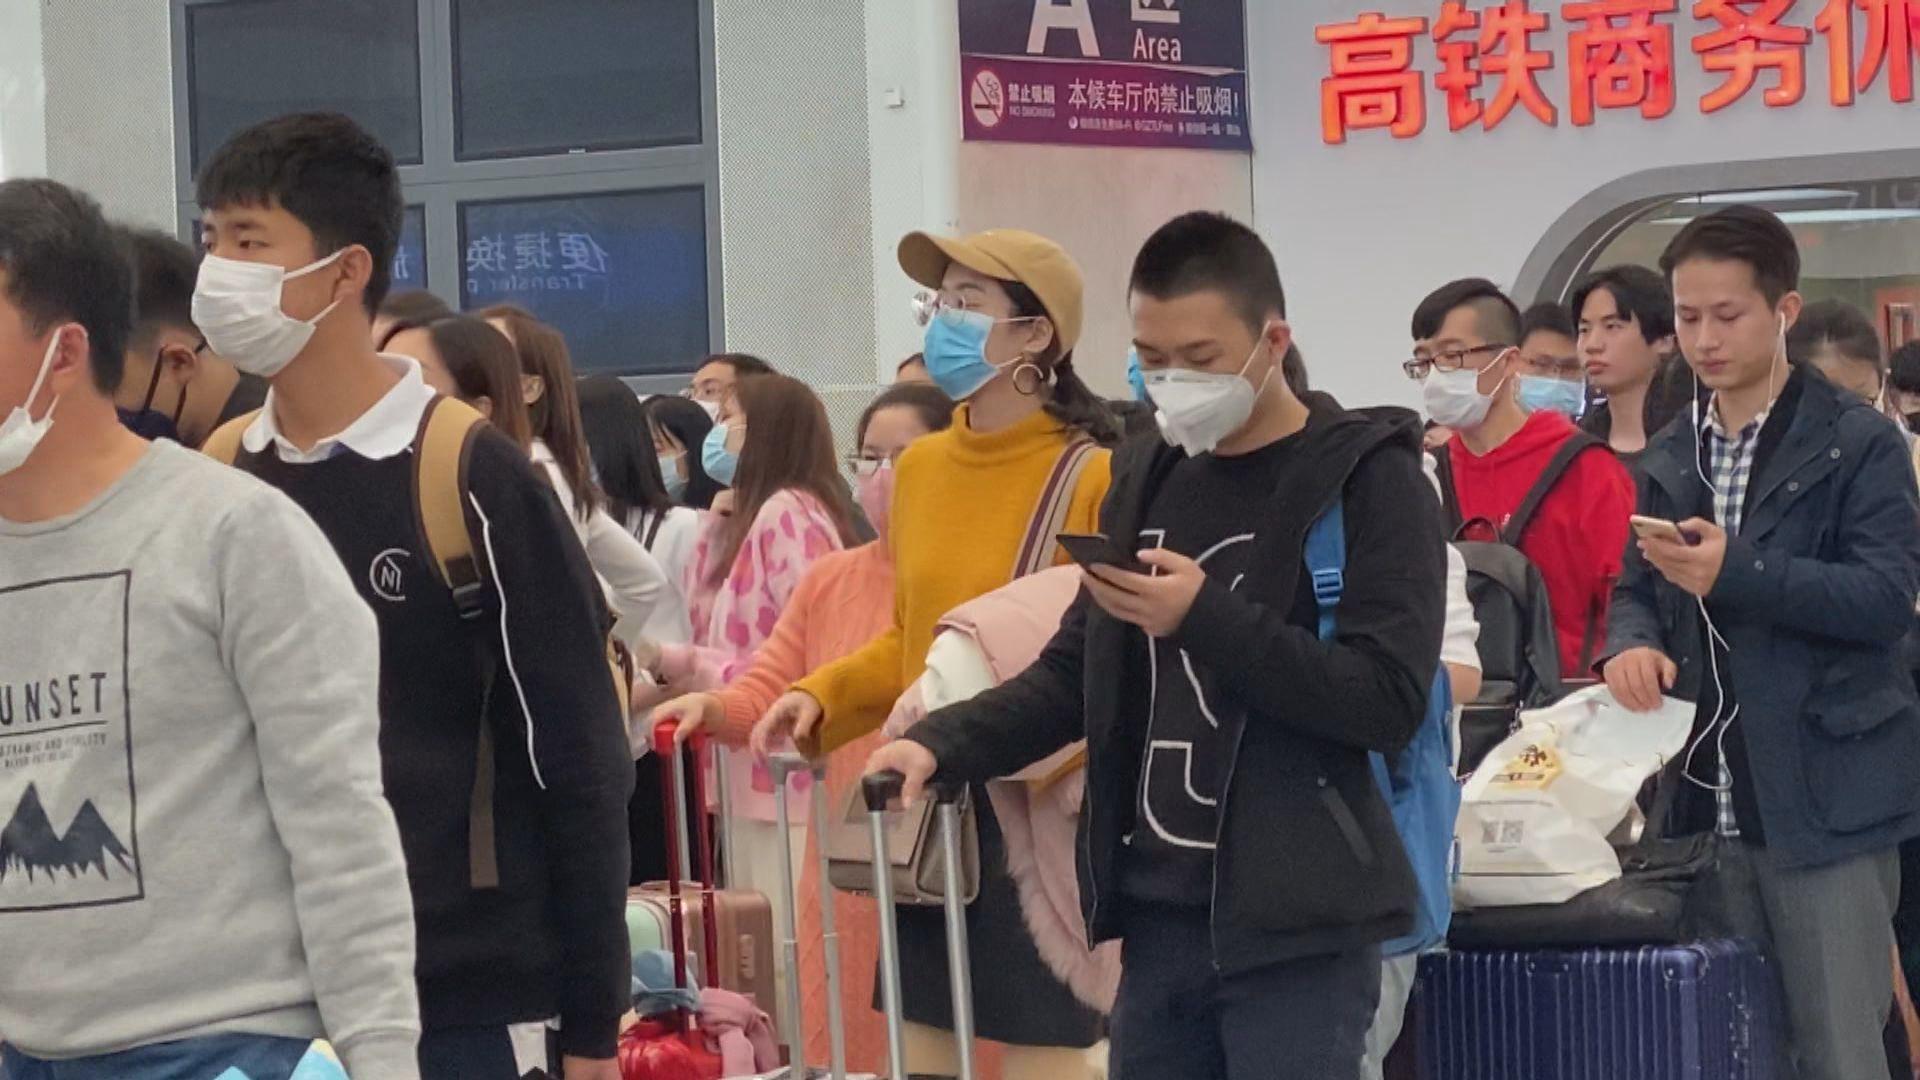 大部分在深圳乘搭高鐵往武漢的乘客戴口罩